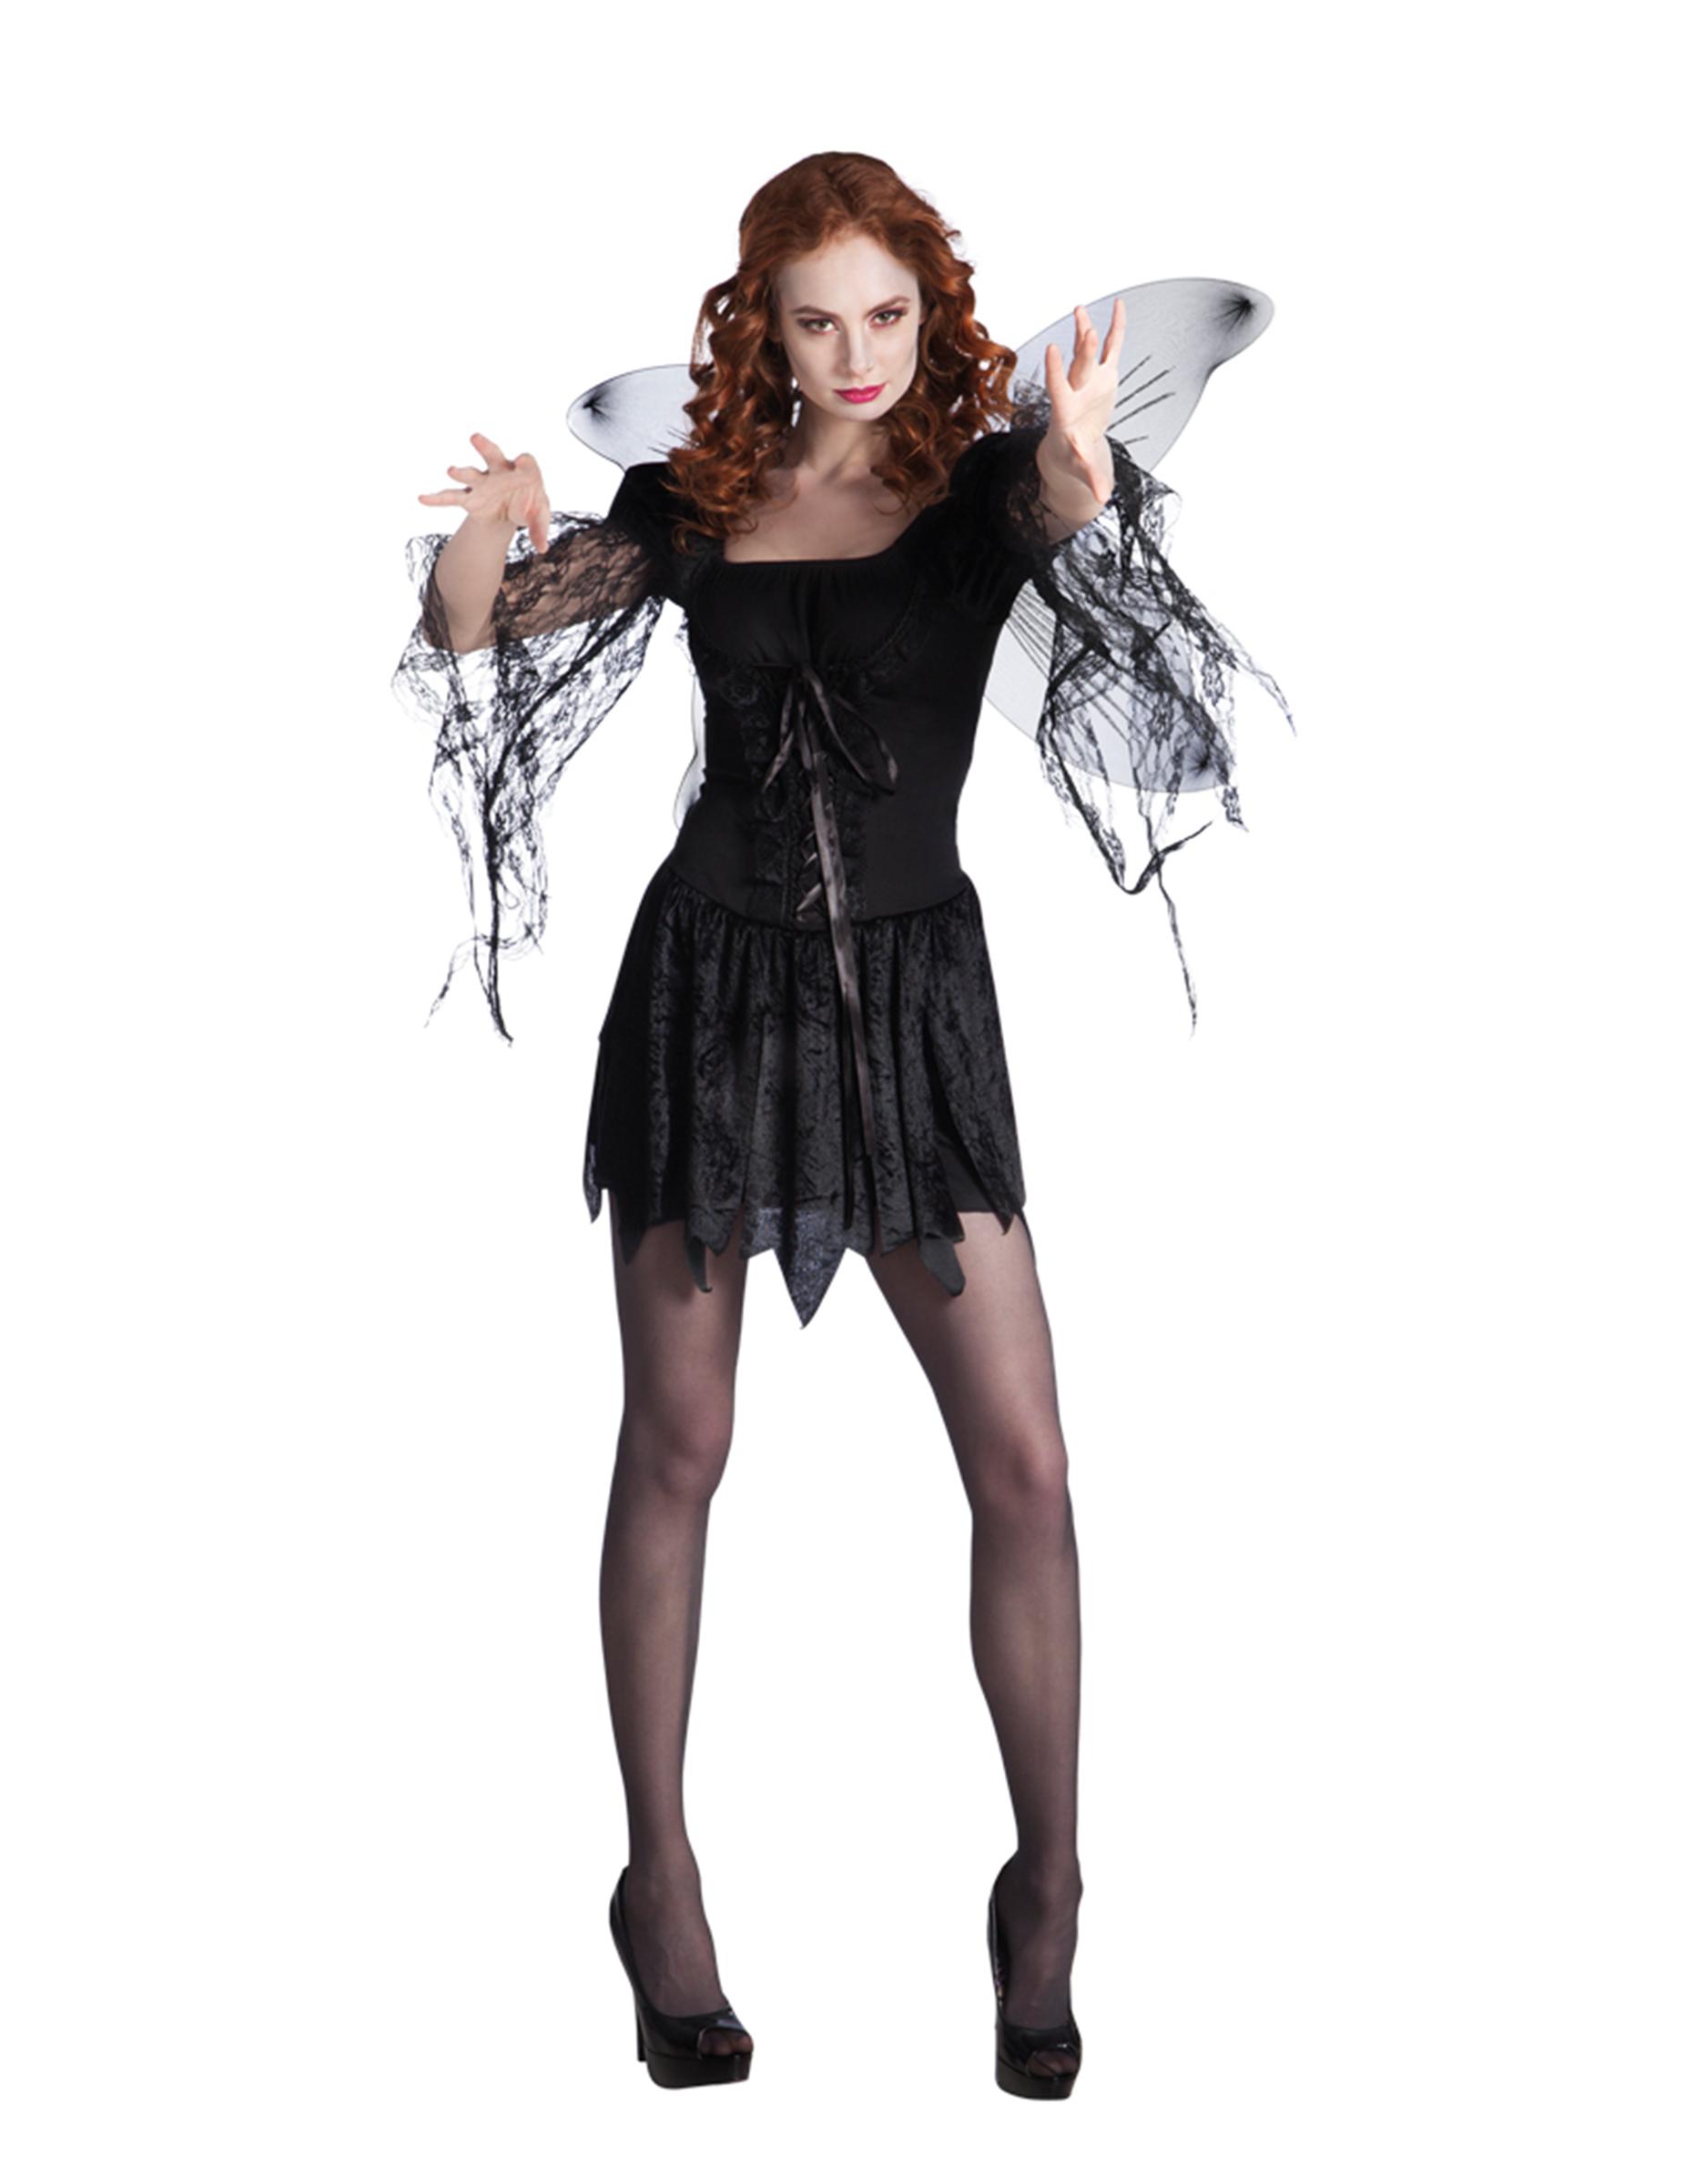 d guisement ange noir avec ailes femme halloween deguise toi achat de d guisements adultes. Black Bedroom Furniture Sets. Home Design Ideas